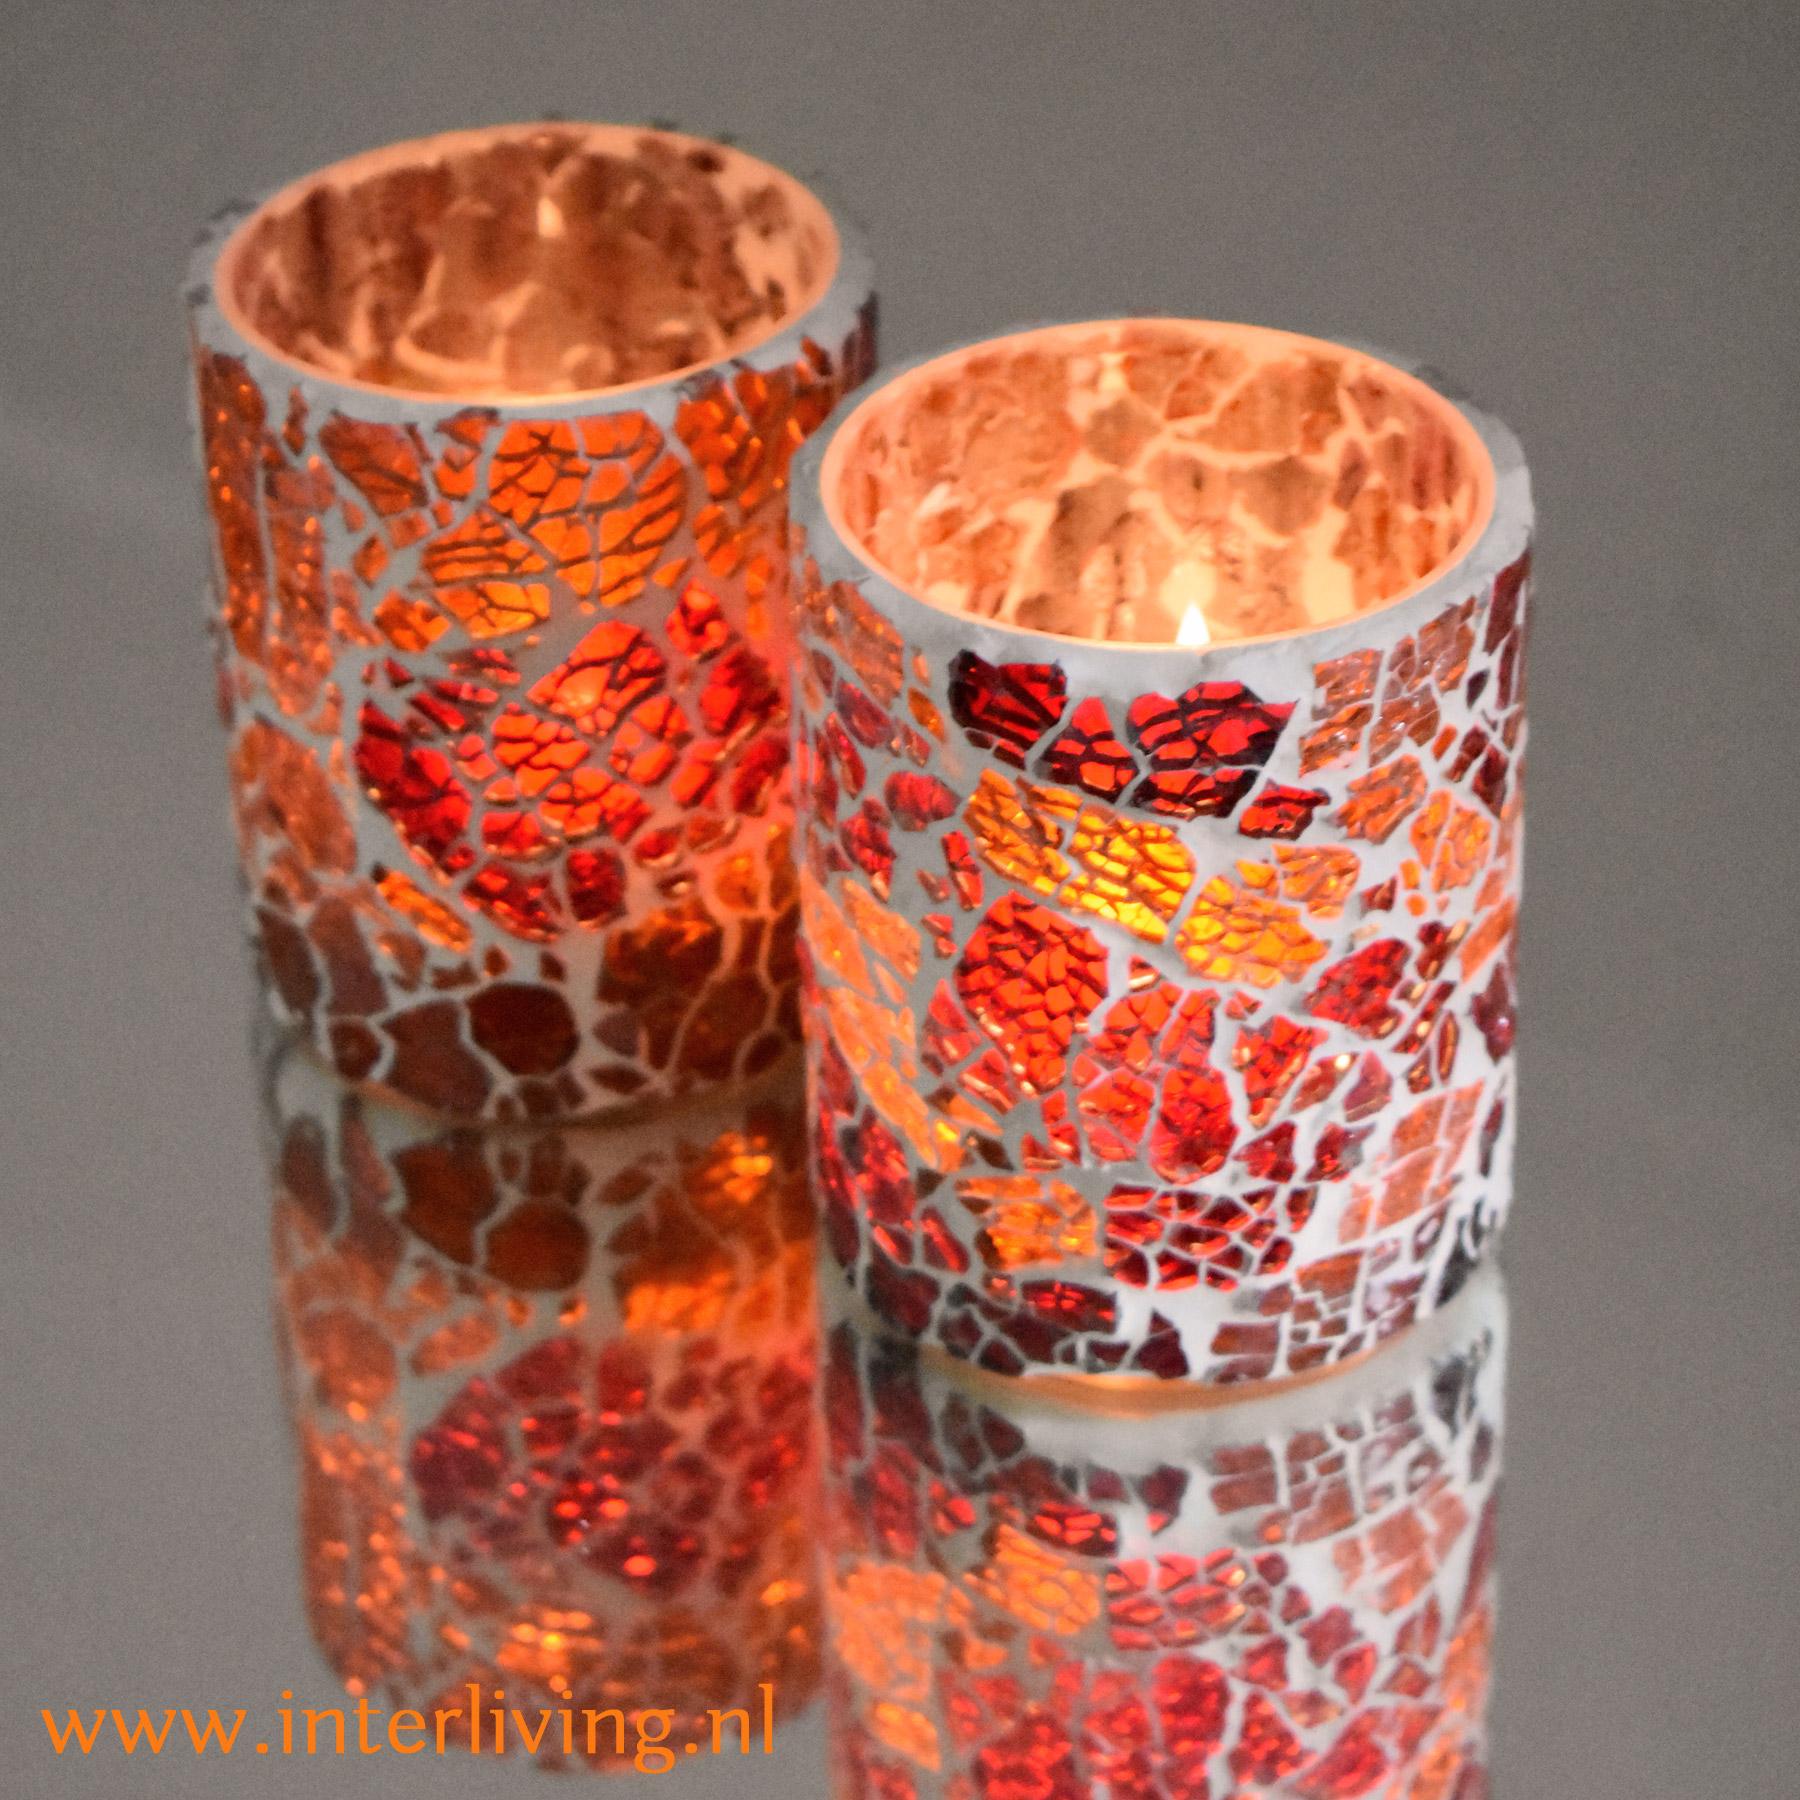 theelichthoudertjes - groot formaat voor sfeervolle tafelstyling - handgemaakt van glasmozaïek